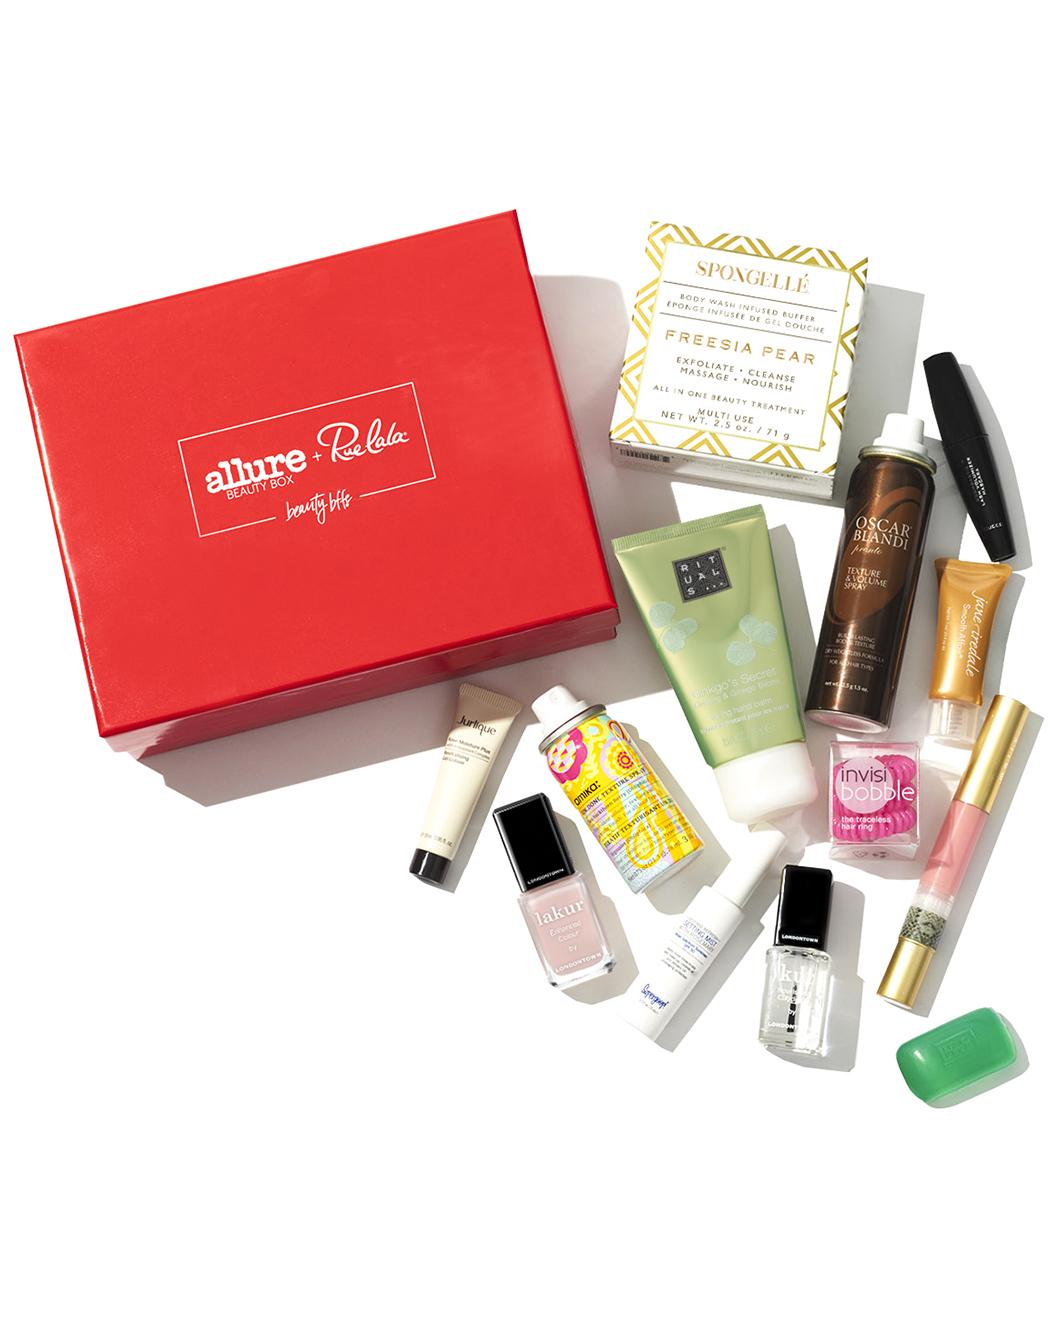 Beauty box from Rue La La/Allure